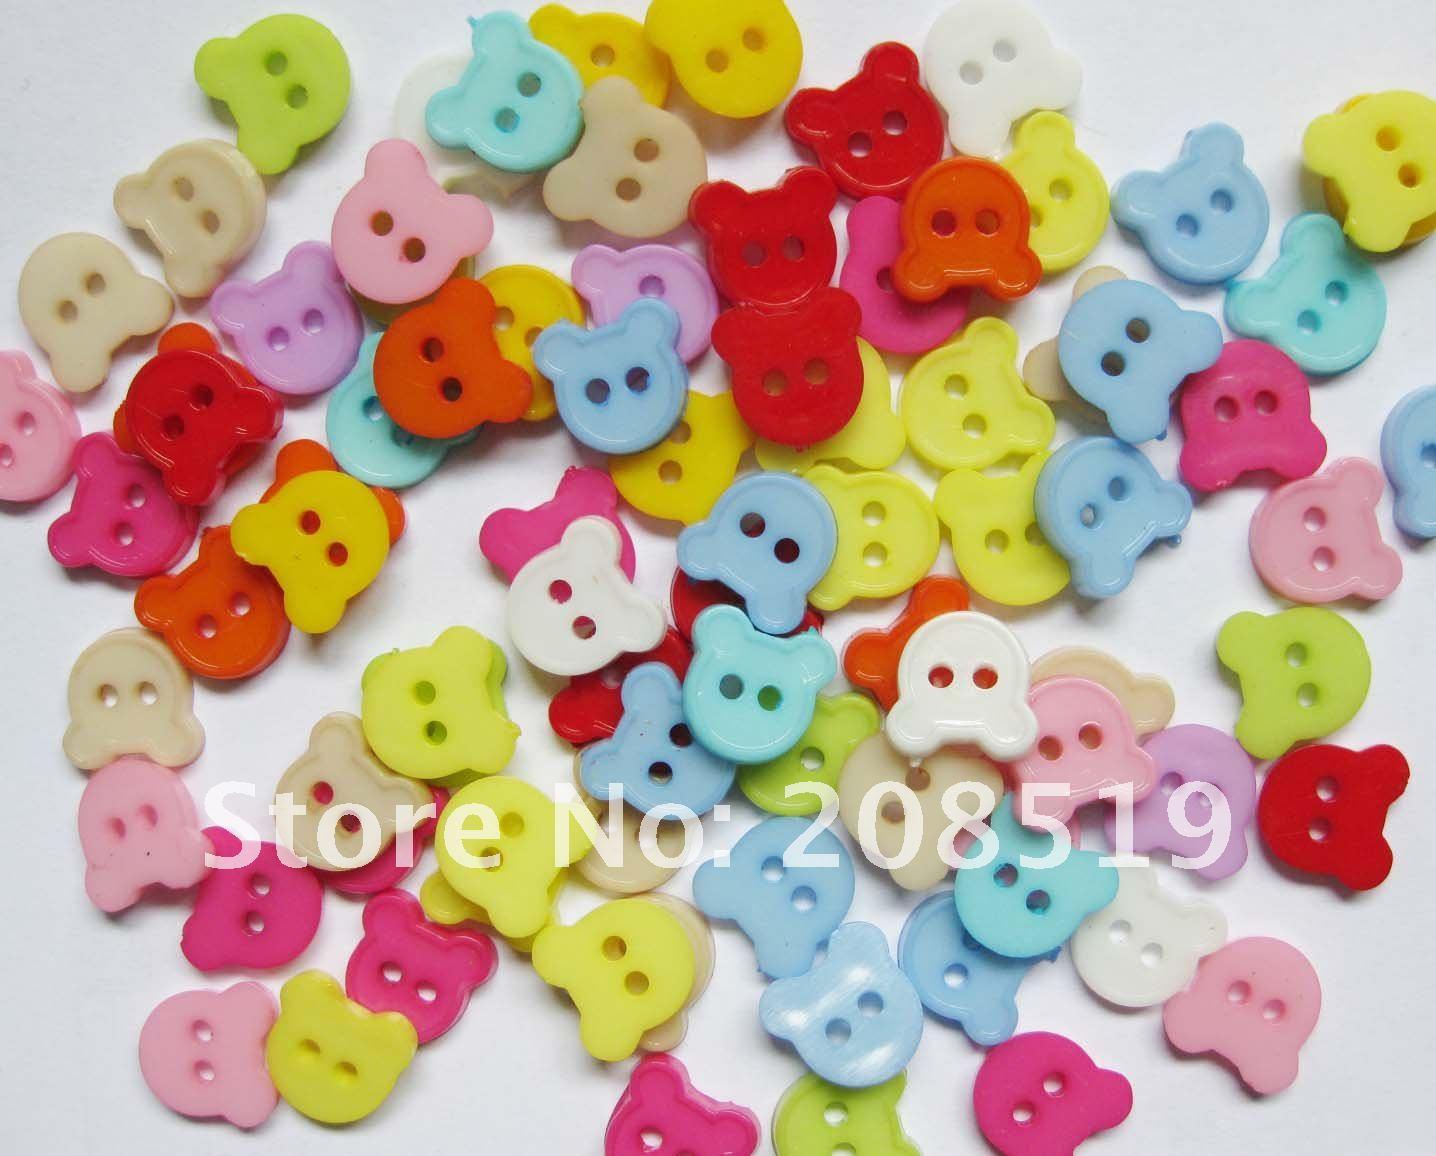 NB0102 смешанные цвета 600 шт Кнопка для детской одежды 11,5 мм голова медведя аксессуары для одежды детские пуговицы